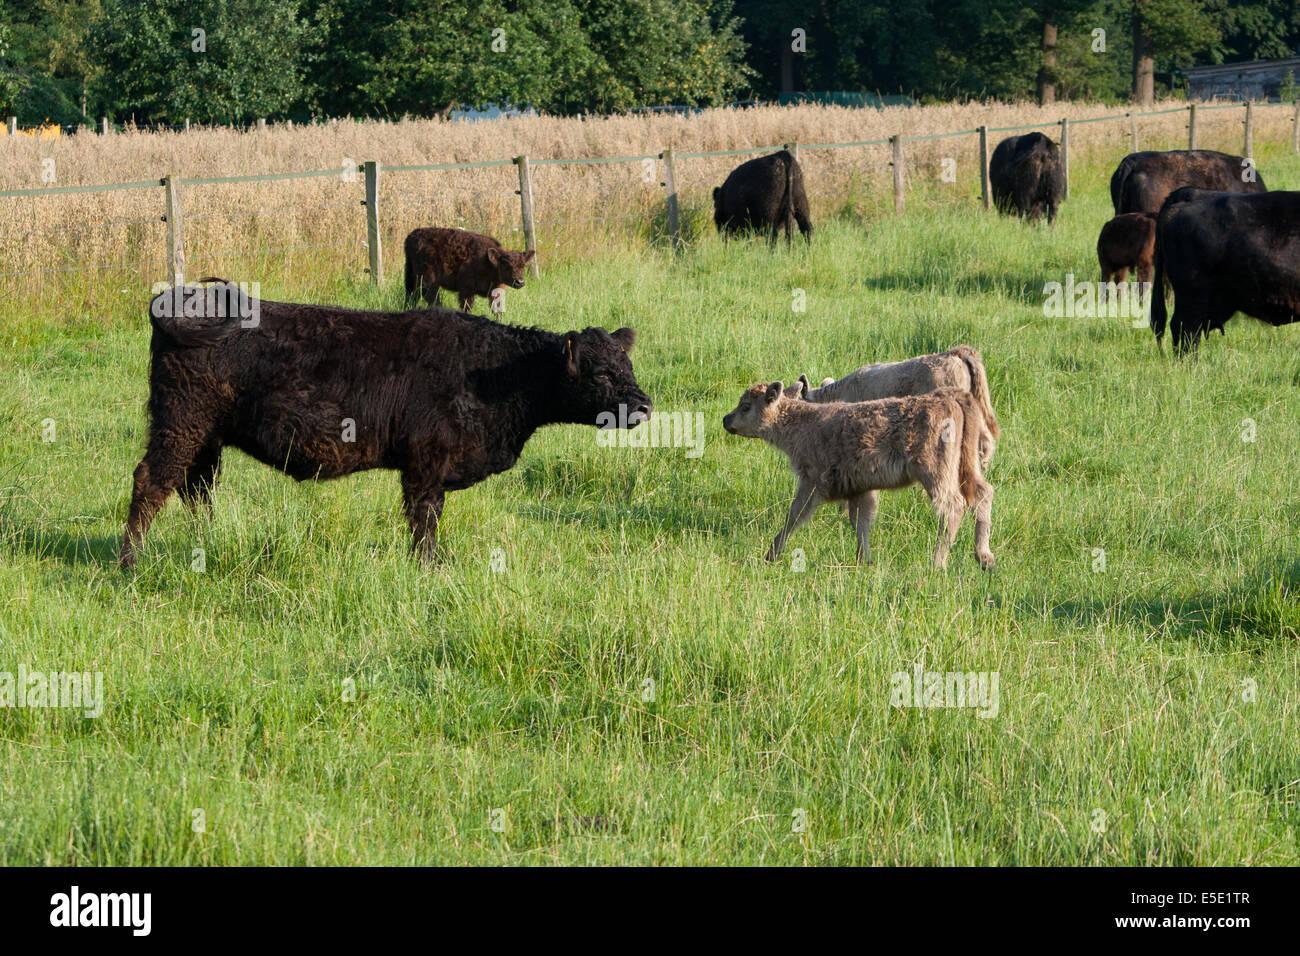 Hochlandrind Kalb Kaelber braun neugierig Wiese Frei Freiheit Eingezaeunt eingesperrt Bauern Bauer Bauernschaft - Stock Image